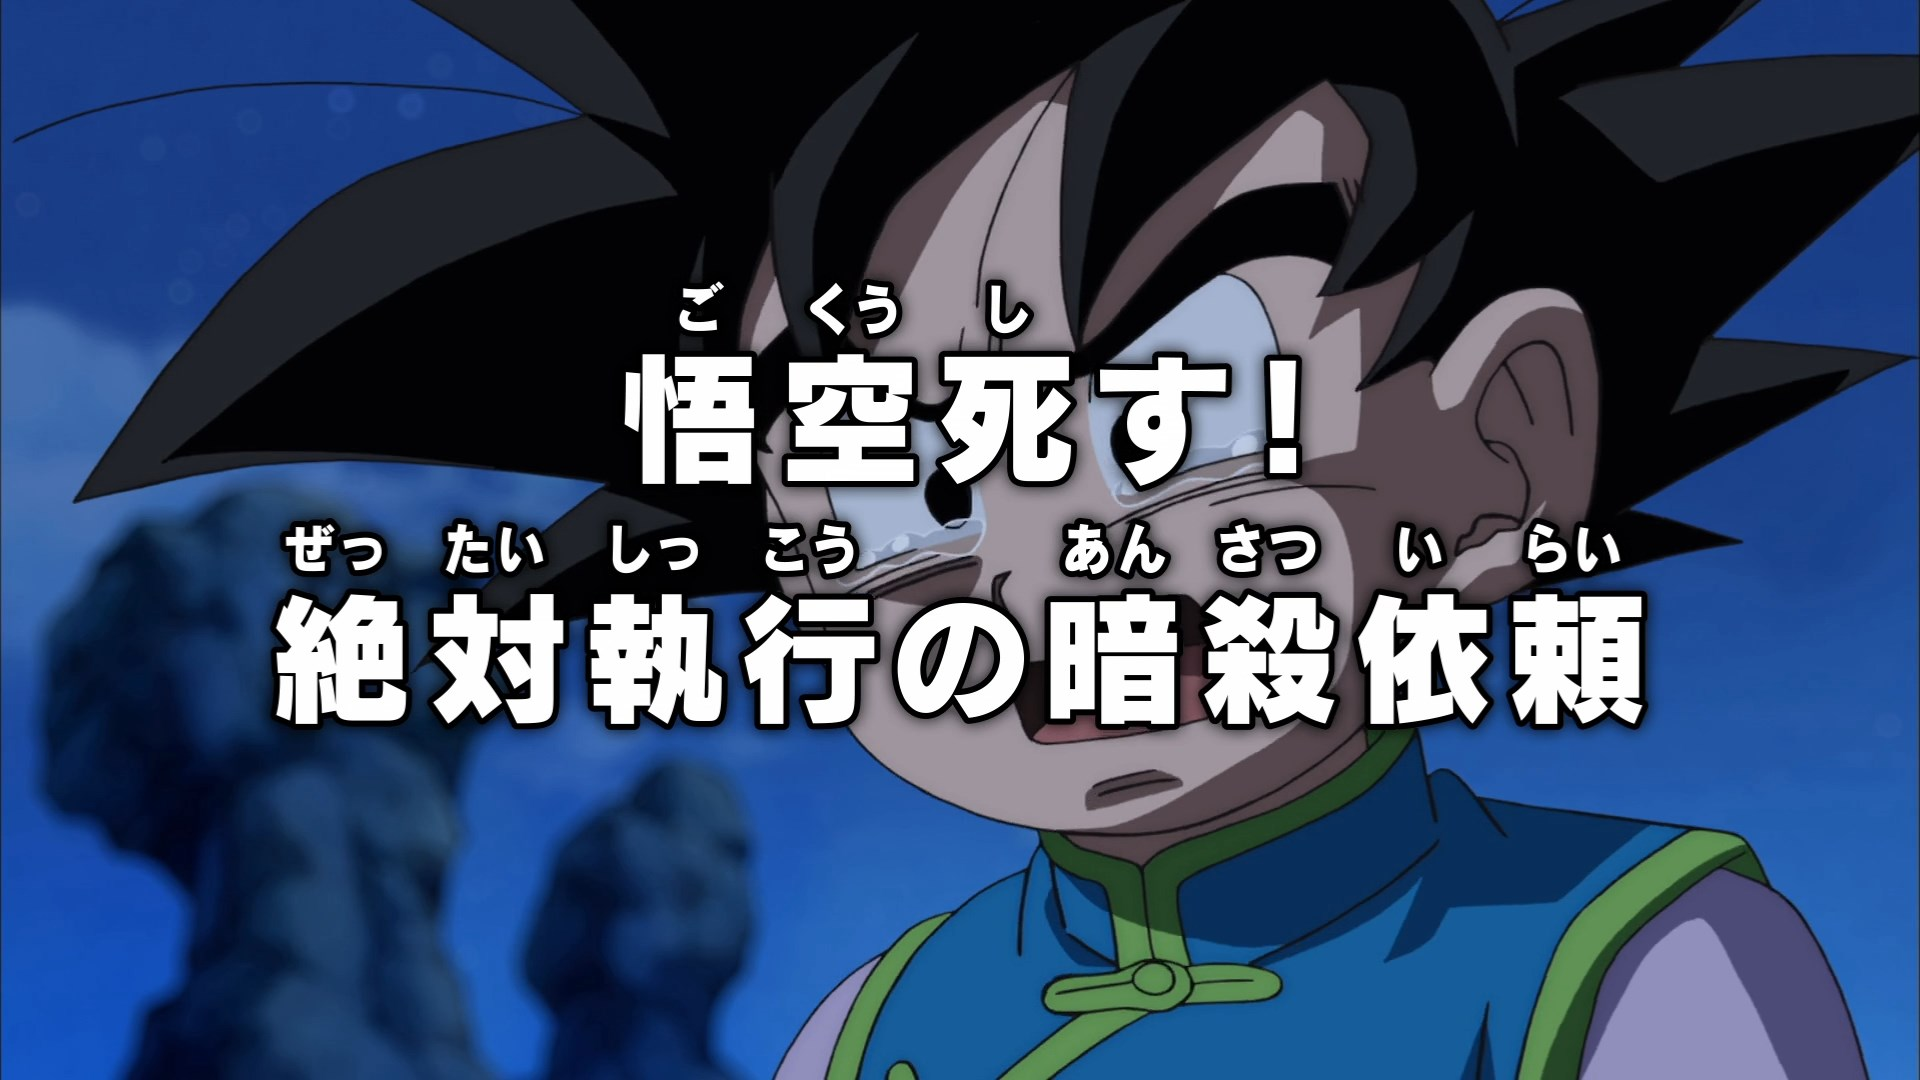 [DS] Dragon Ball Super 070 [1080p].mkv_snapshot_23.16_[2016.12.11_04.01.46]